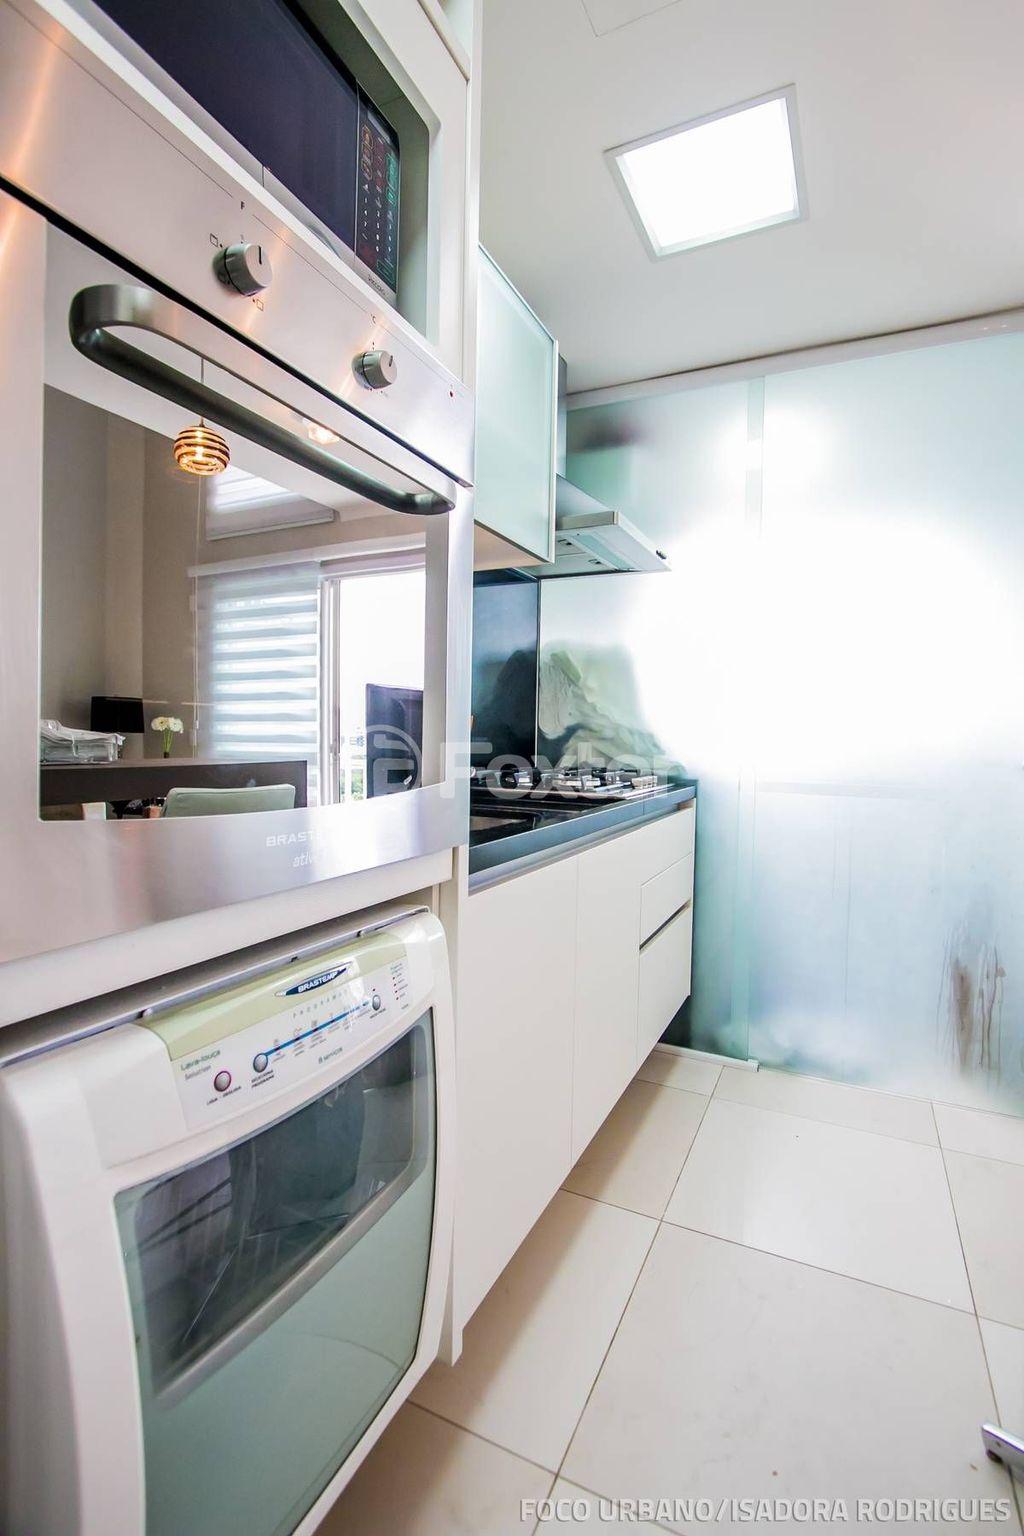 Foxter Imobiliária - Apto 2 Dorm, Vila Ipiranga - Foto 27